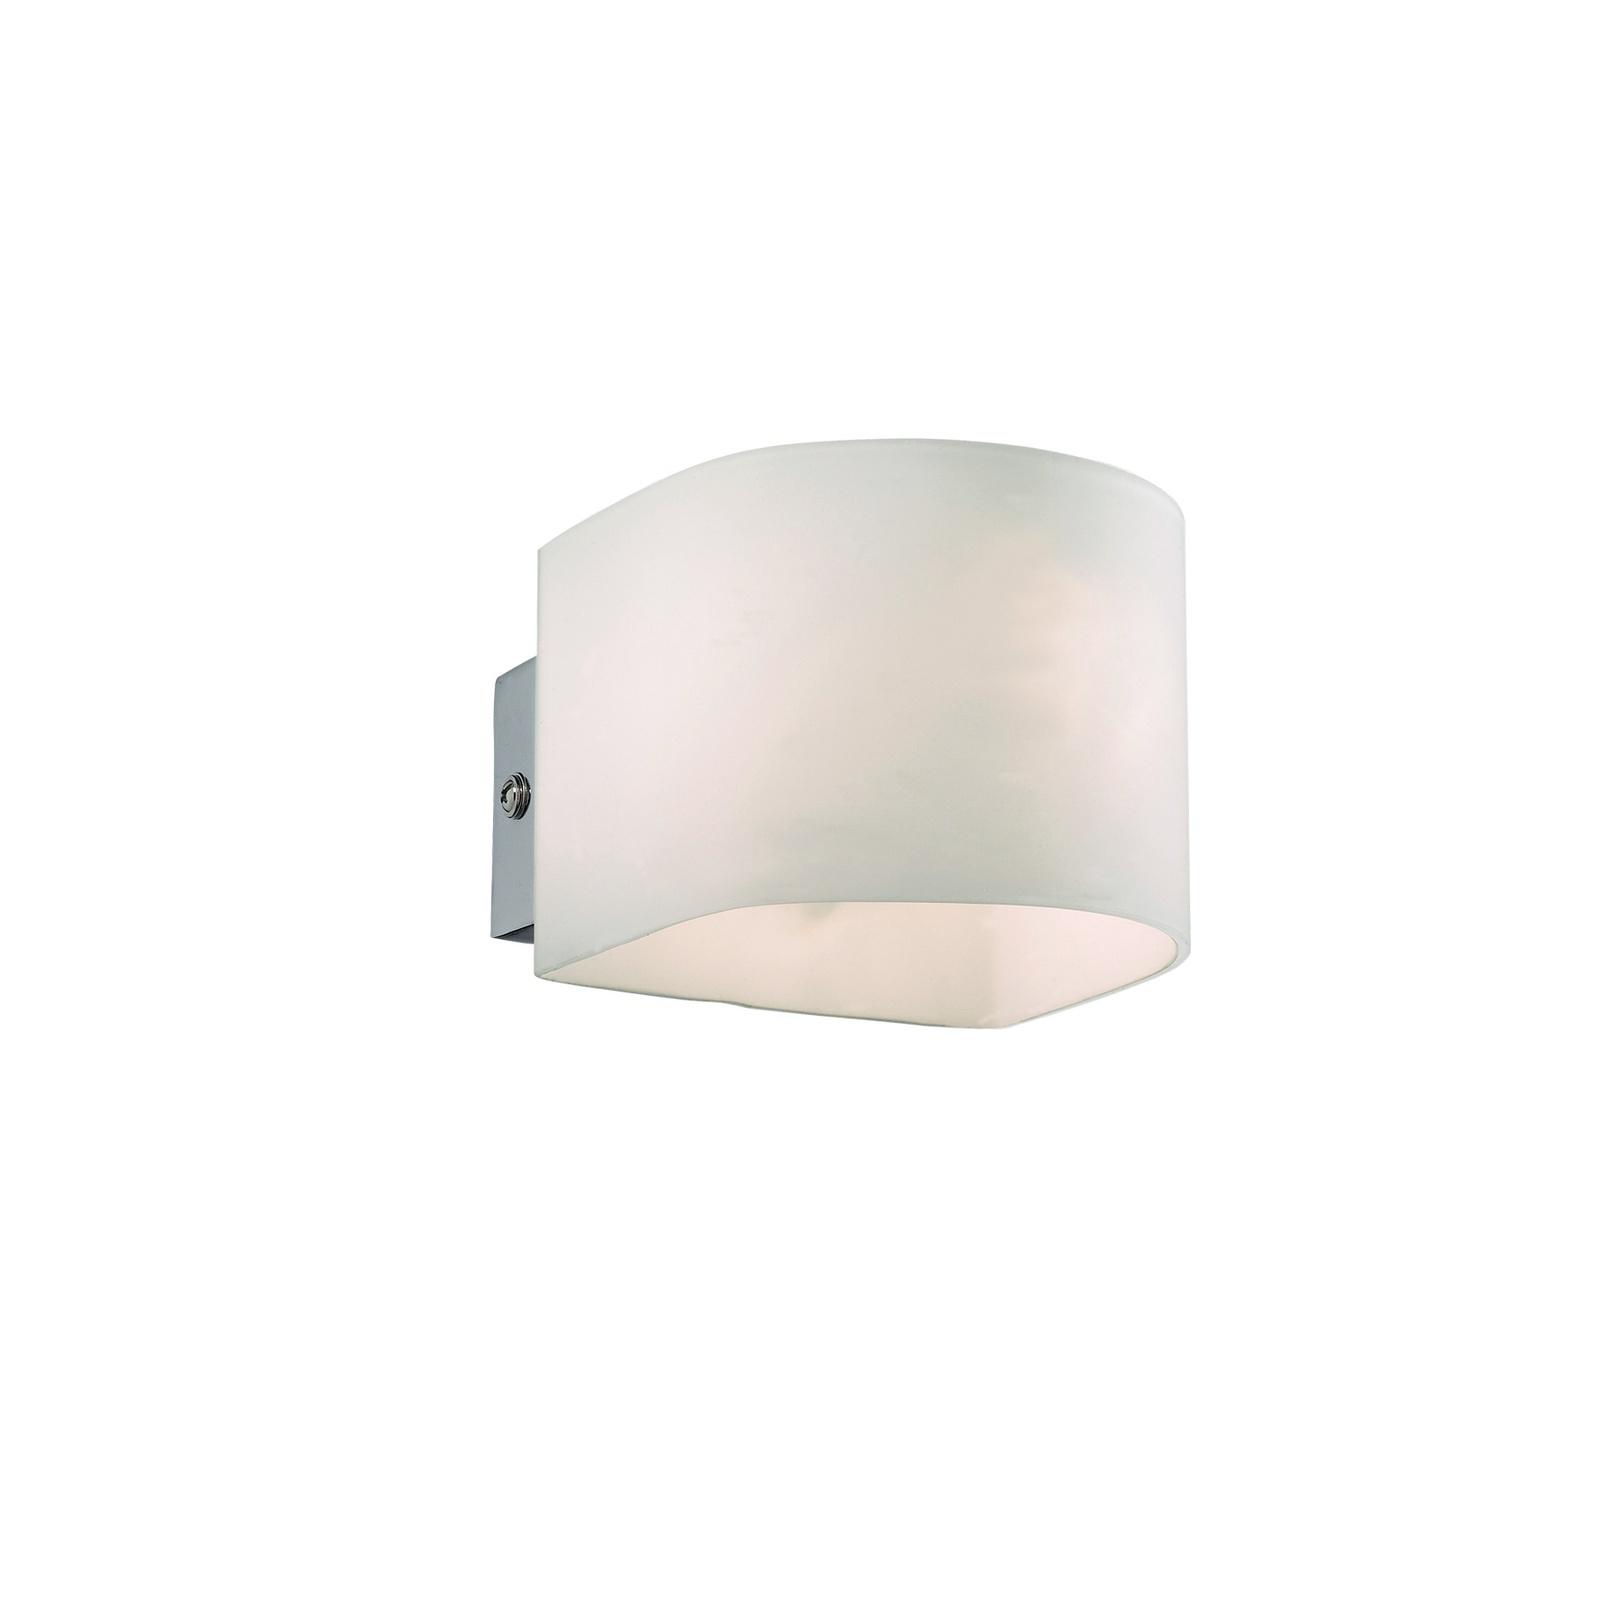 Настенный светильник Ideal Lux AP1 BIANCO, G9, 40 Вт ideal lux настенный светильник ideal lux puzzle ap1 bianco